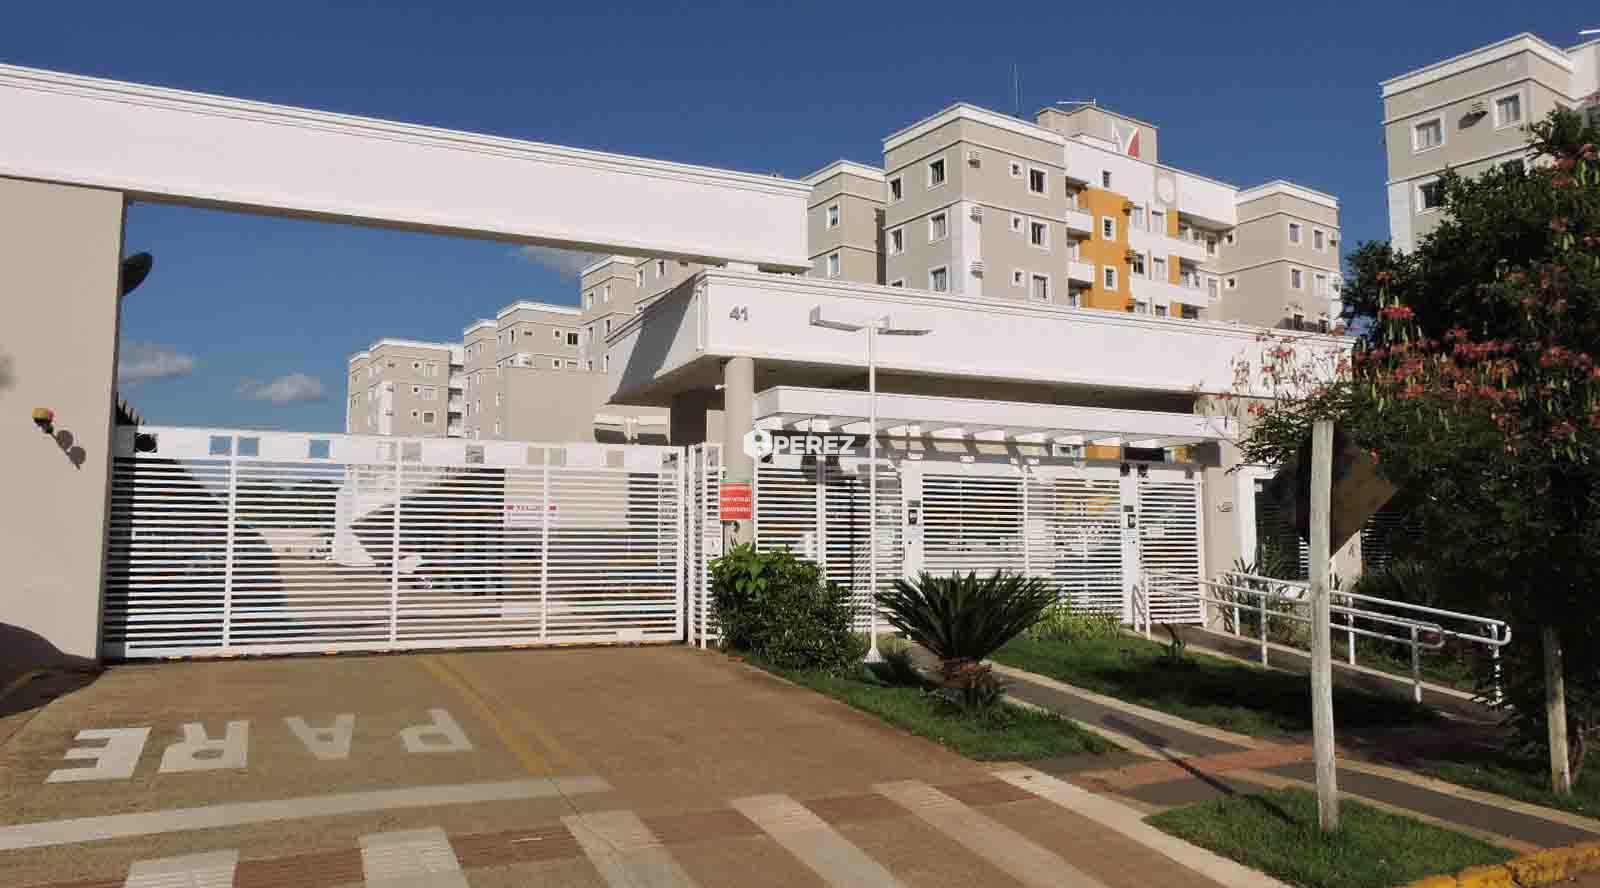 venda-campo-grande-ms-apartamento-doutor-werneck-vila-albuquerque-perez-imoveis